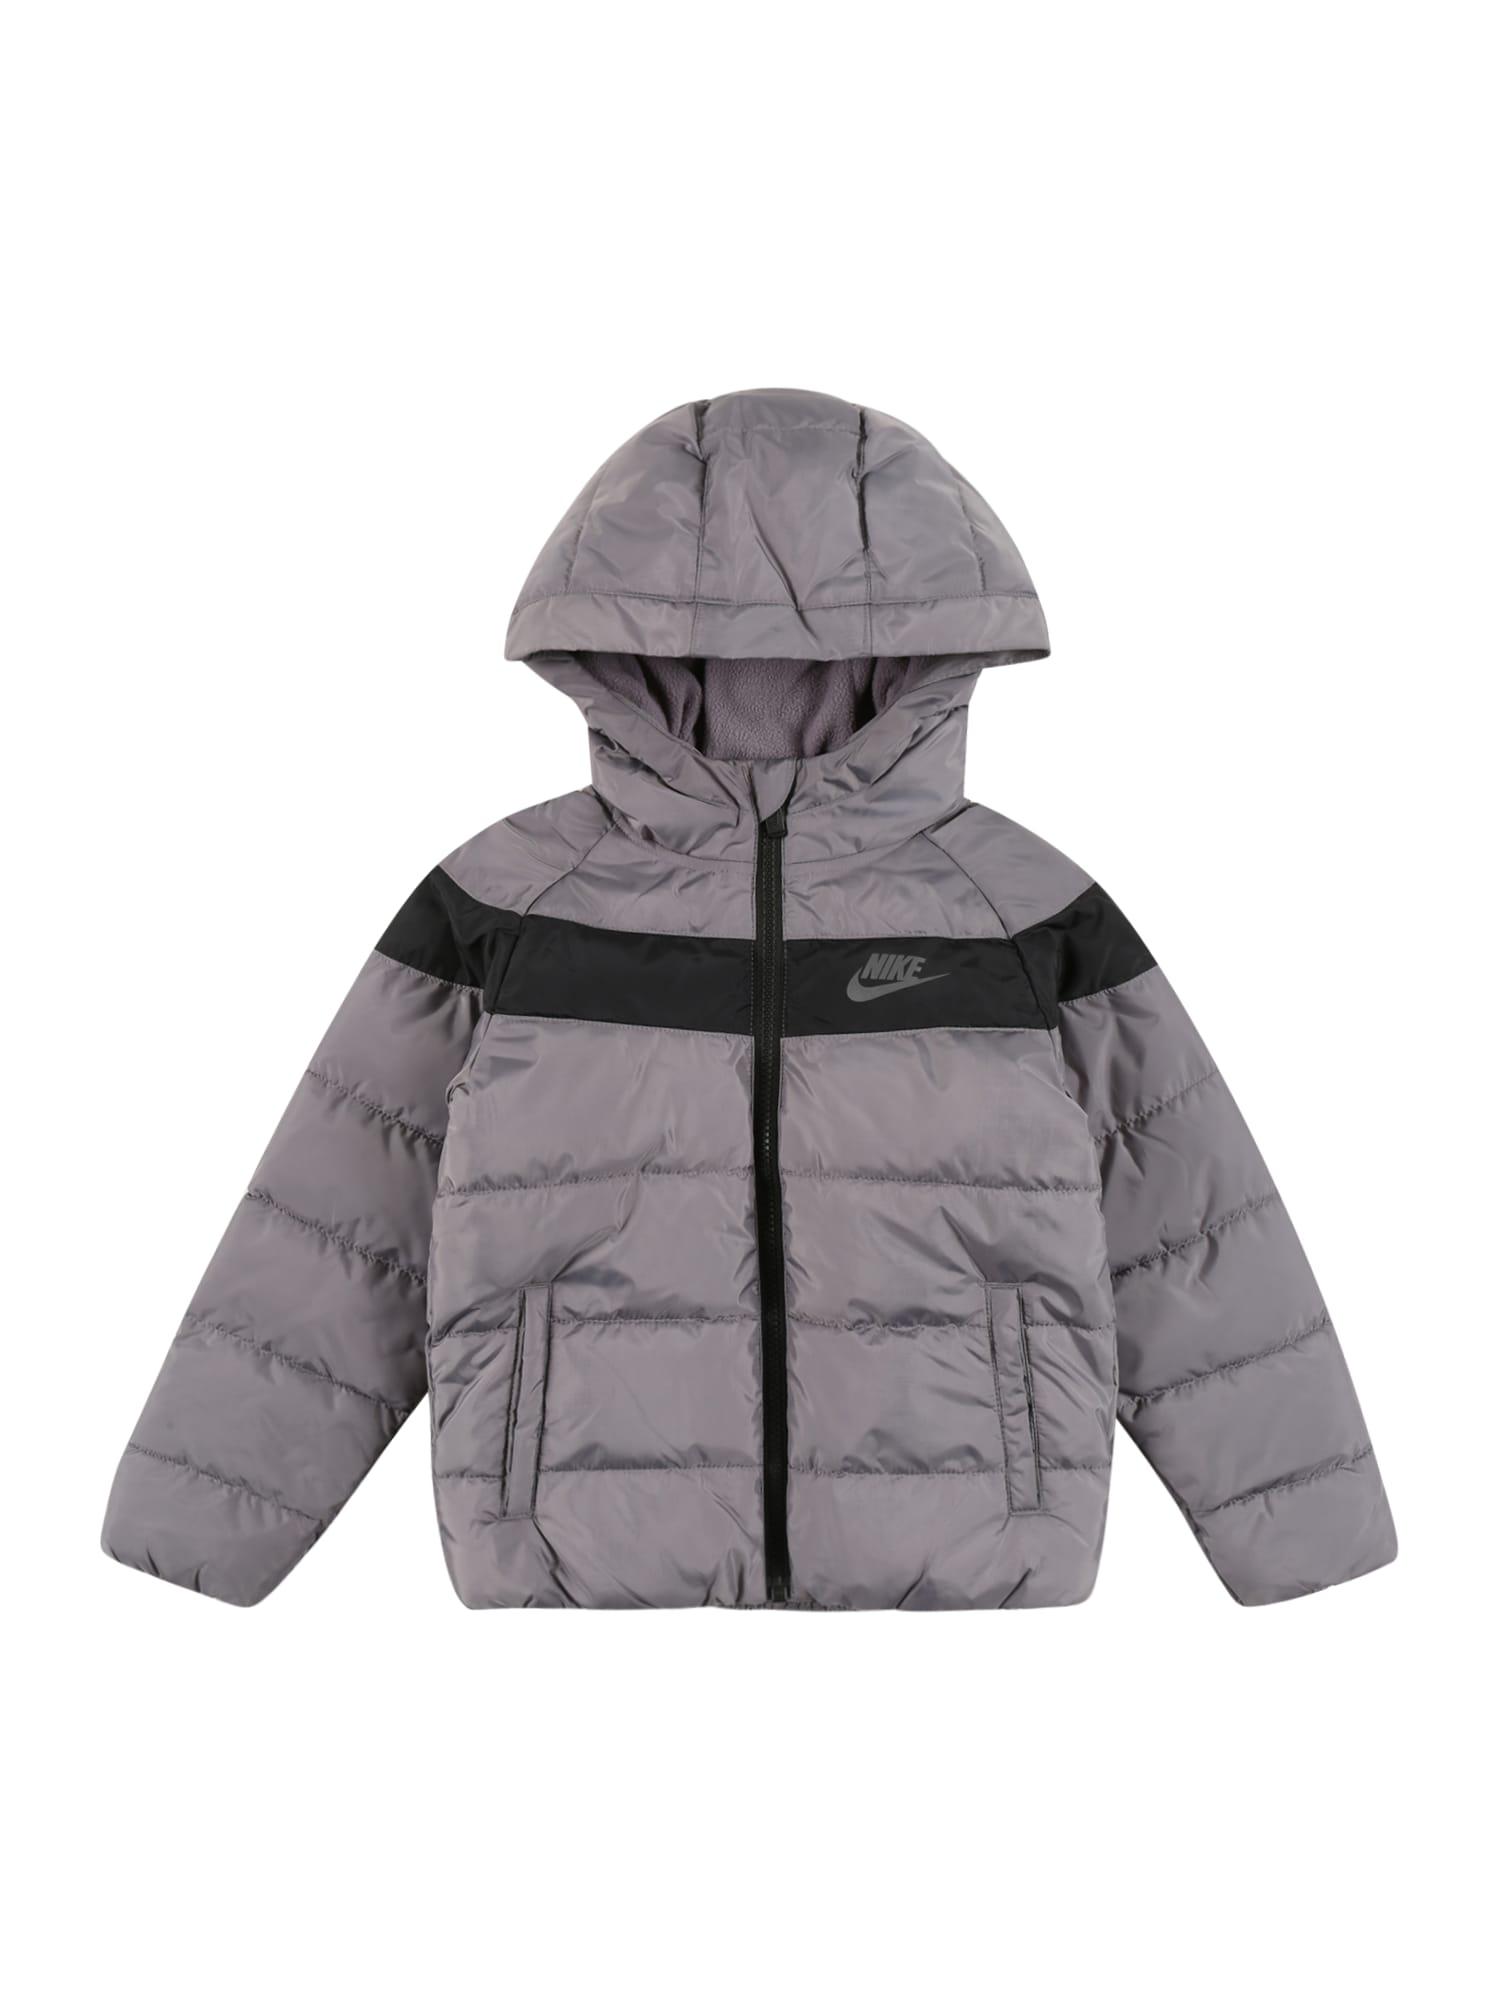 Nike Sportswear Žieminė striukė tamsiai pilka / juoda